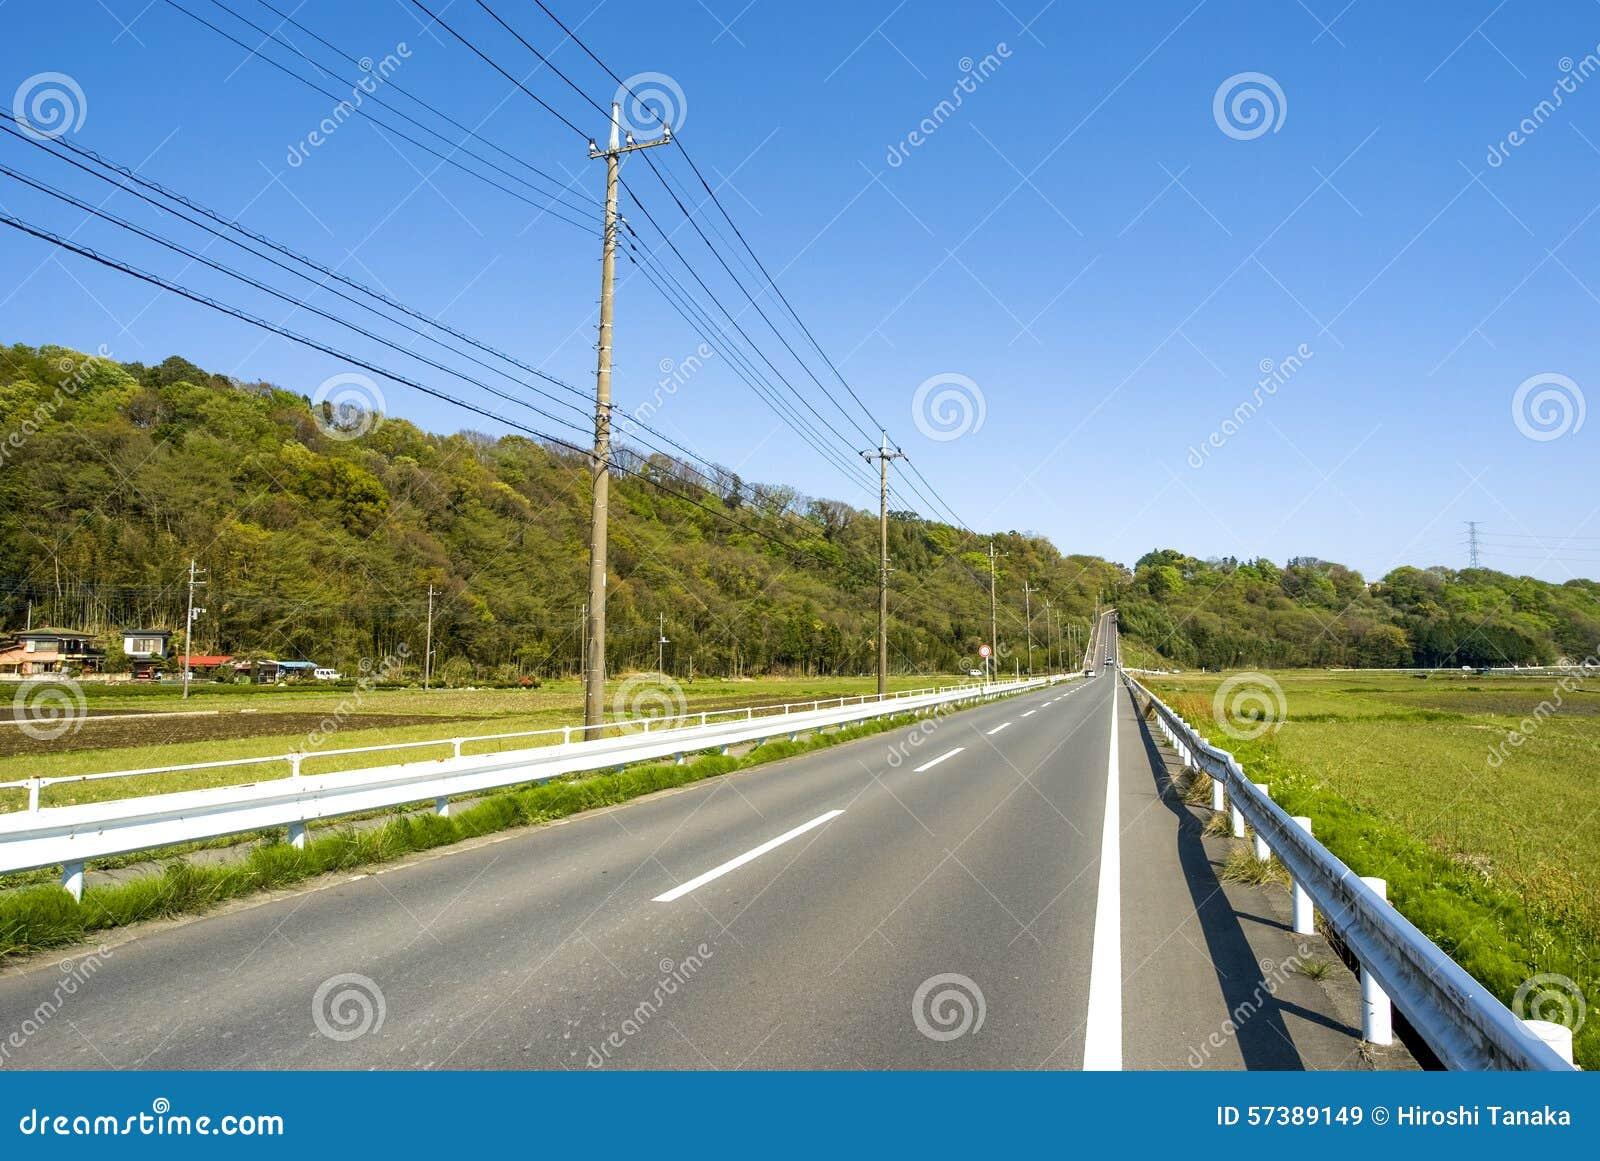 Vooruit bergop rechte rijweg